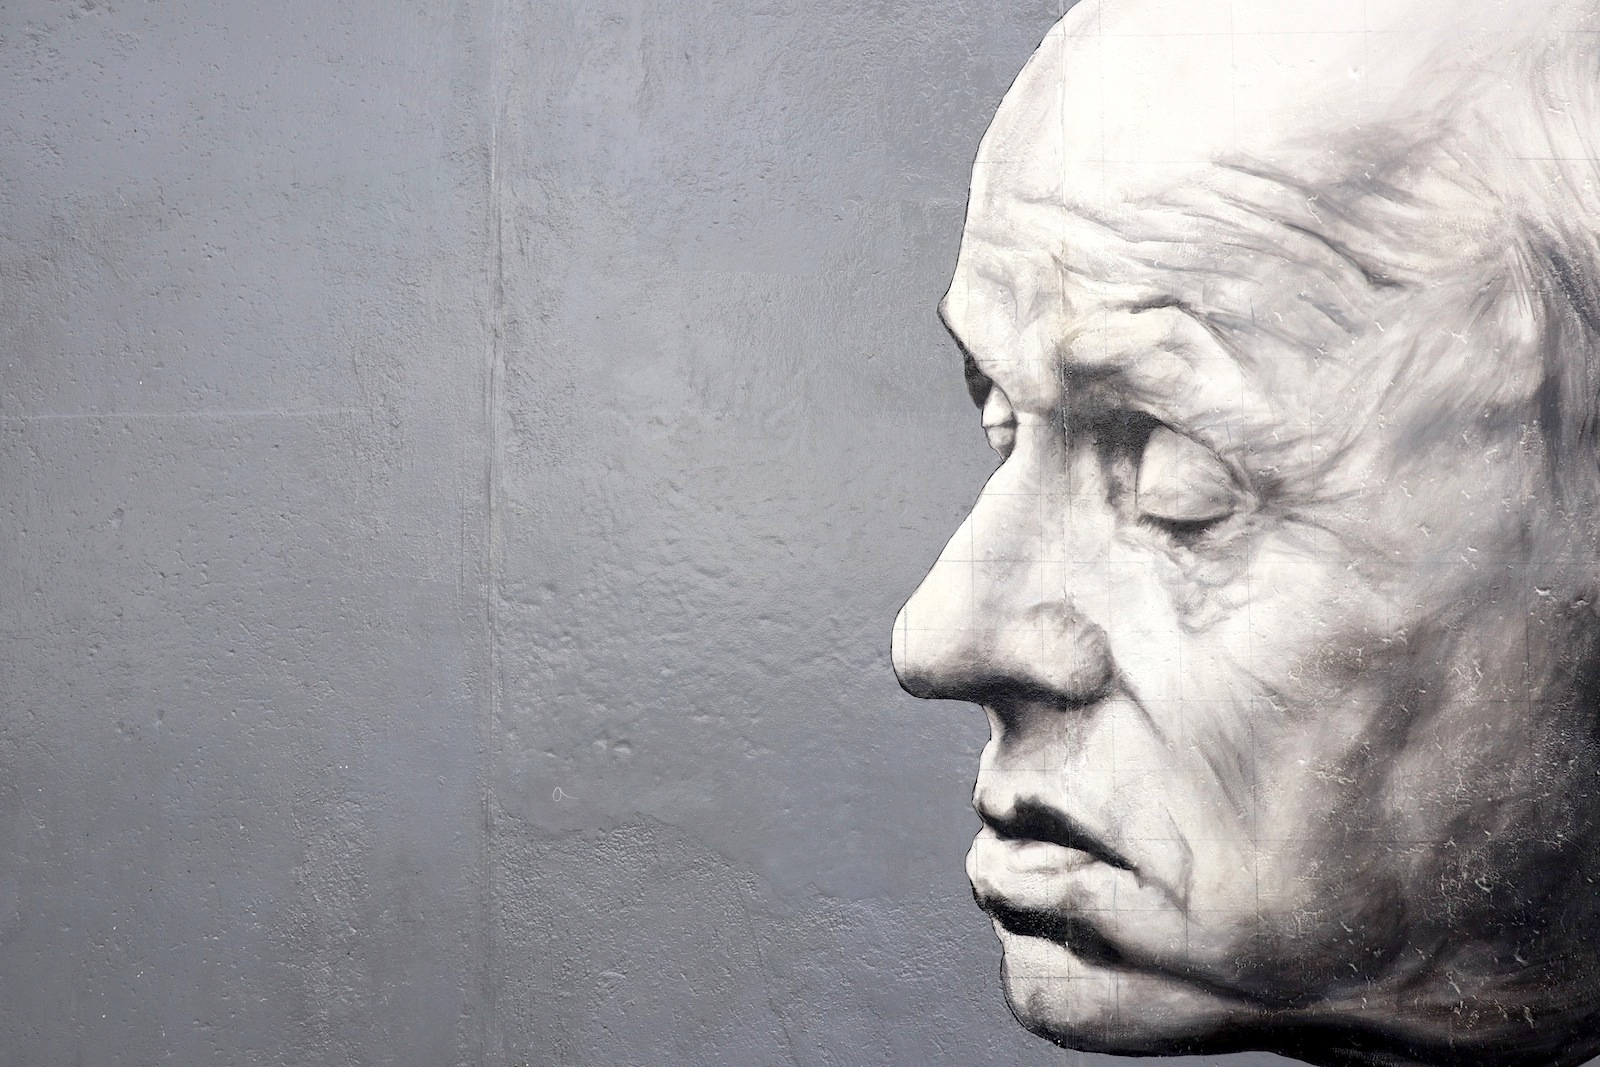 """East Side Gallery. Kann als Ergänzung zum Gang am längsten erhaltenen Mauerabschnitt besucht werden. Das Bild zeigt das Werk """"Danke André Sacharow"""" von Dimitri Vrubel."""